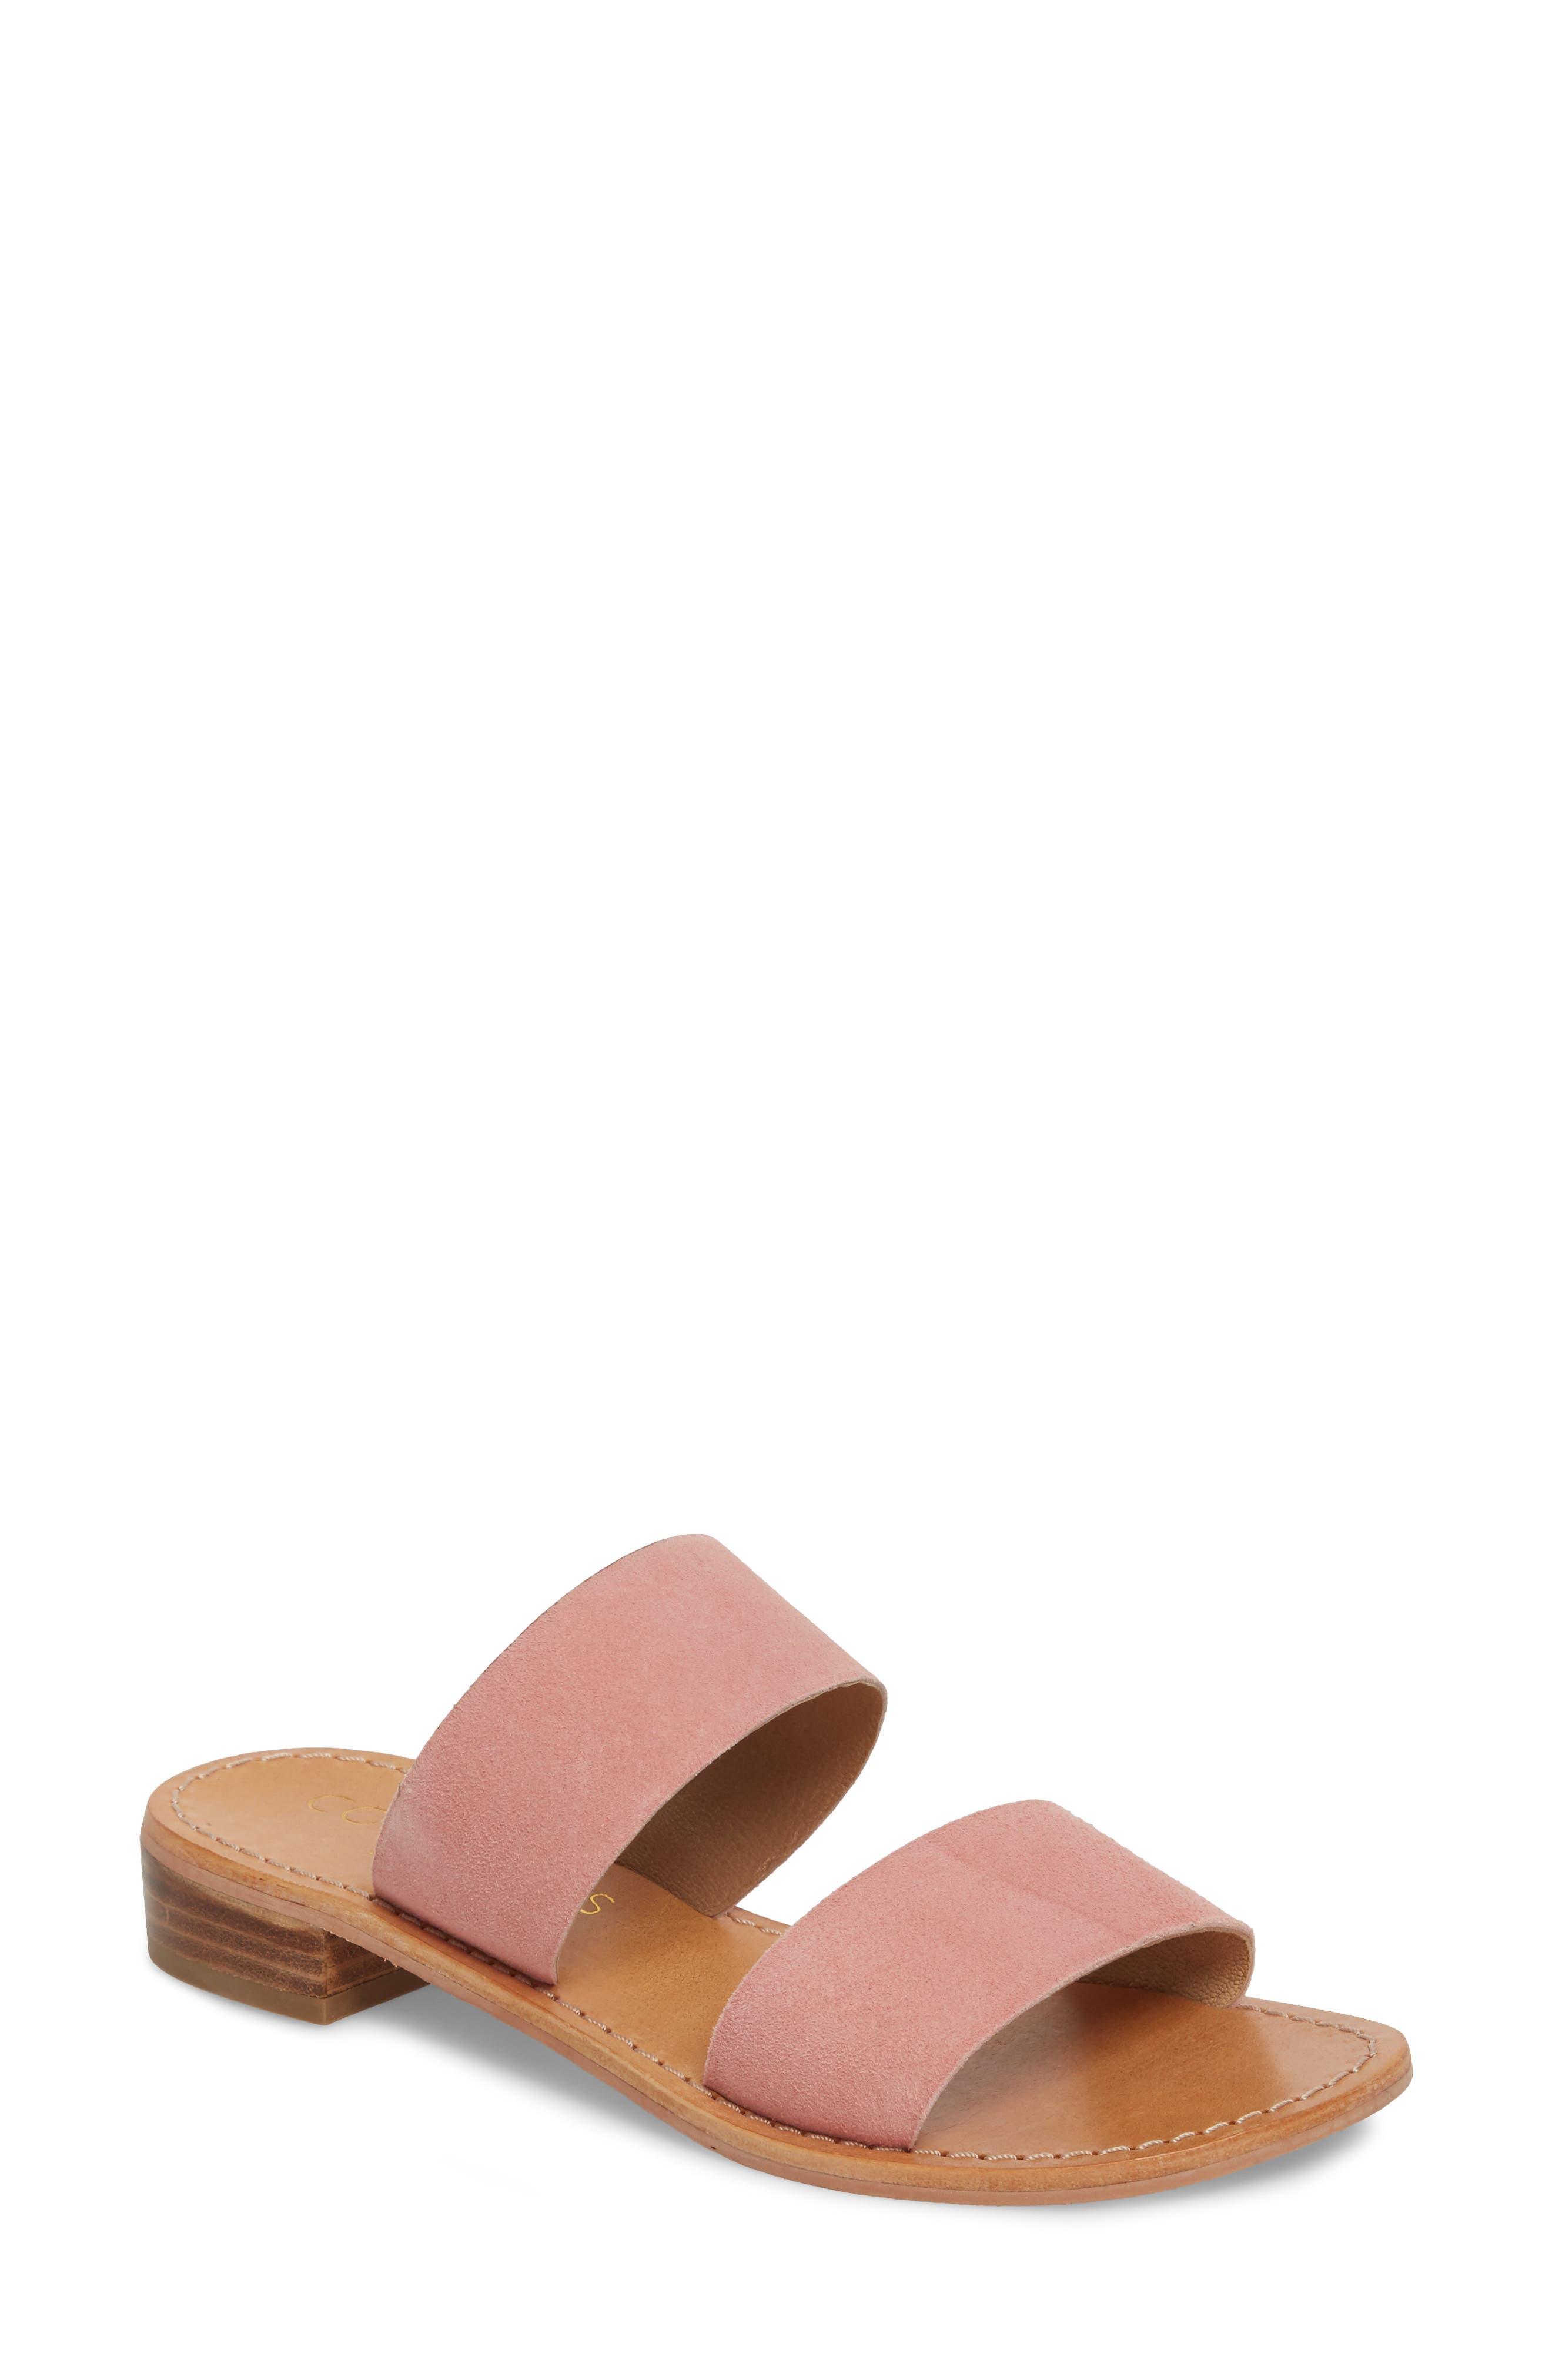 Limelight Slide Sandal,                             Main thumbnail 3, color,